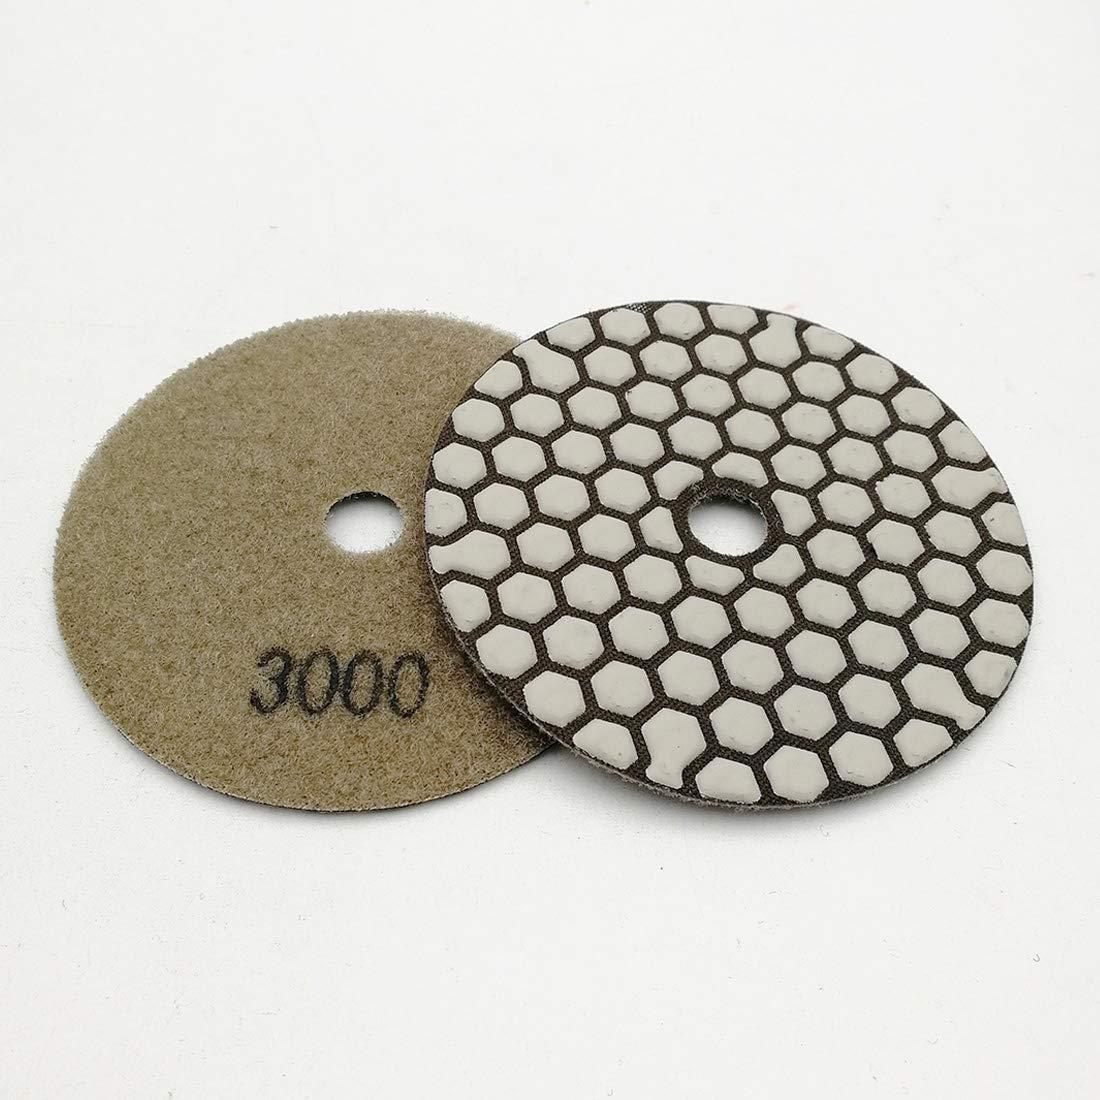 SHDIATOOL Diamante Almohadilla de Pulido 7 Piezas Grano 1500 para Pulir en Seco M/ármol Granito Piedra Cer/ámica Dia 100mm//4 Pulgadas